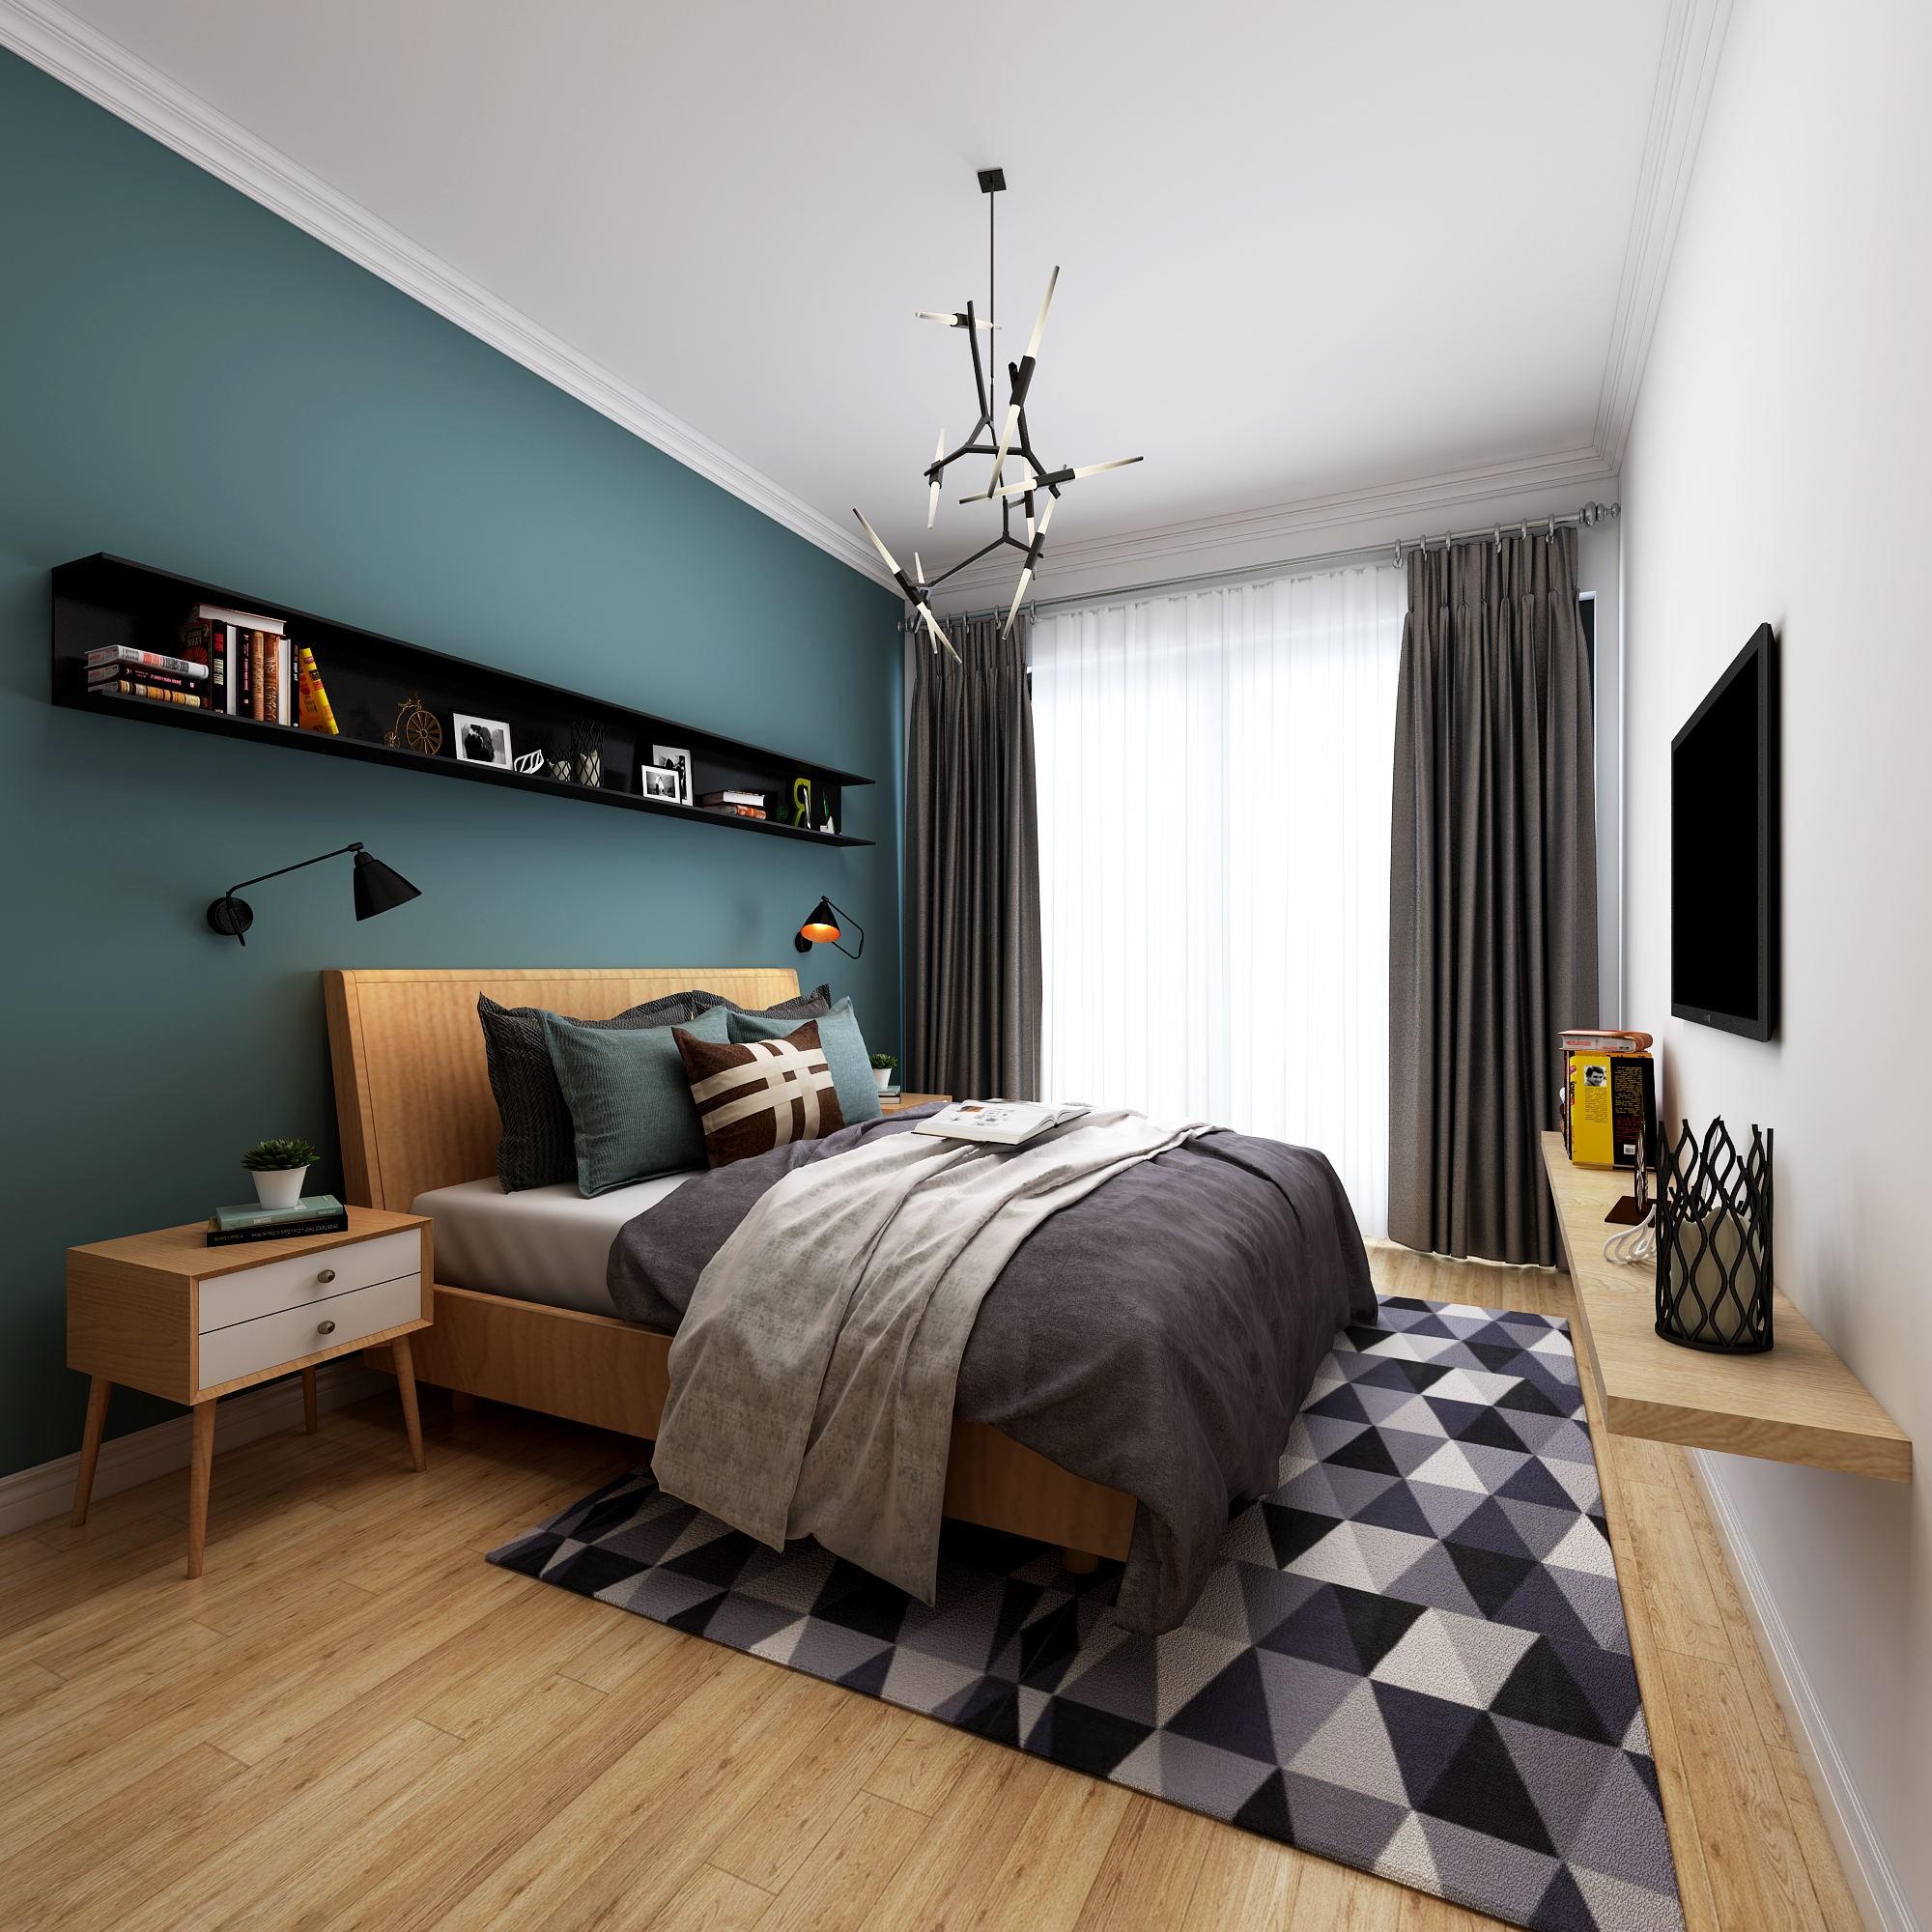 背景墙 房间 家居 起居室 设计 卧室 卧室装修 现代 装修 2000_2000